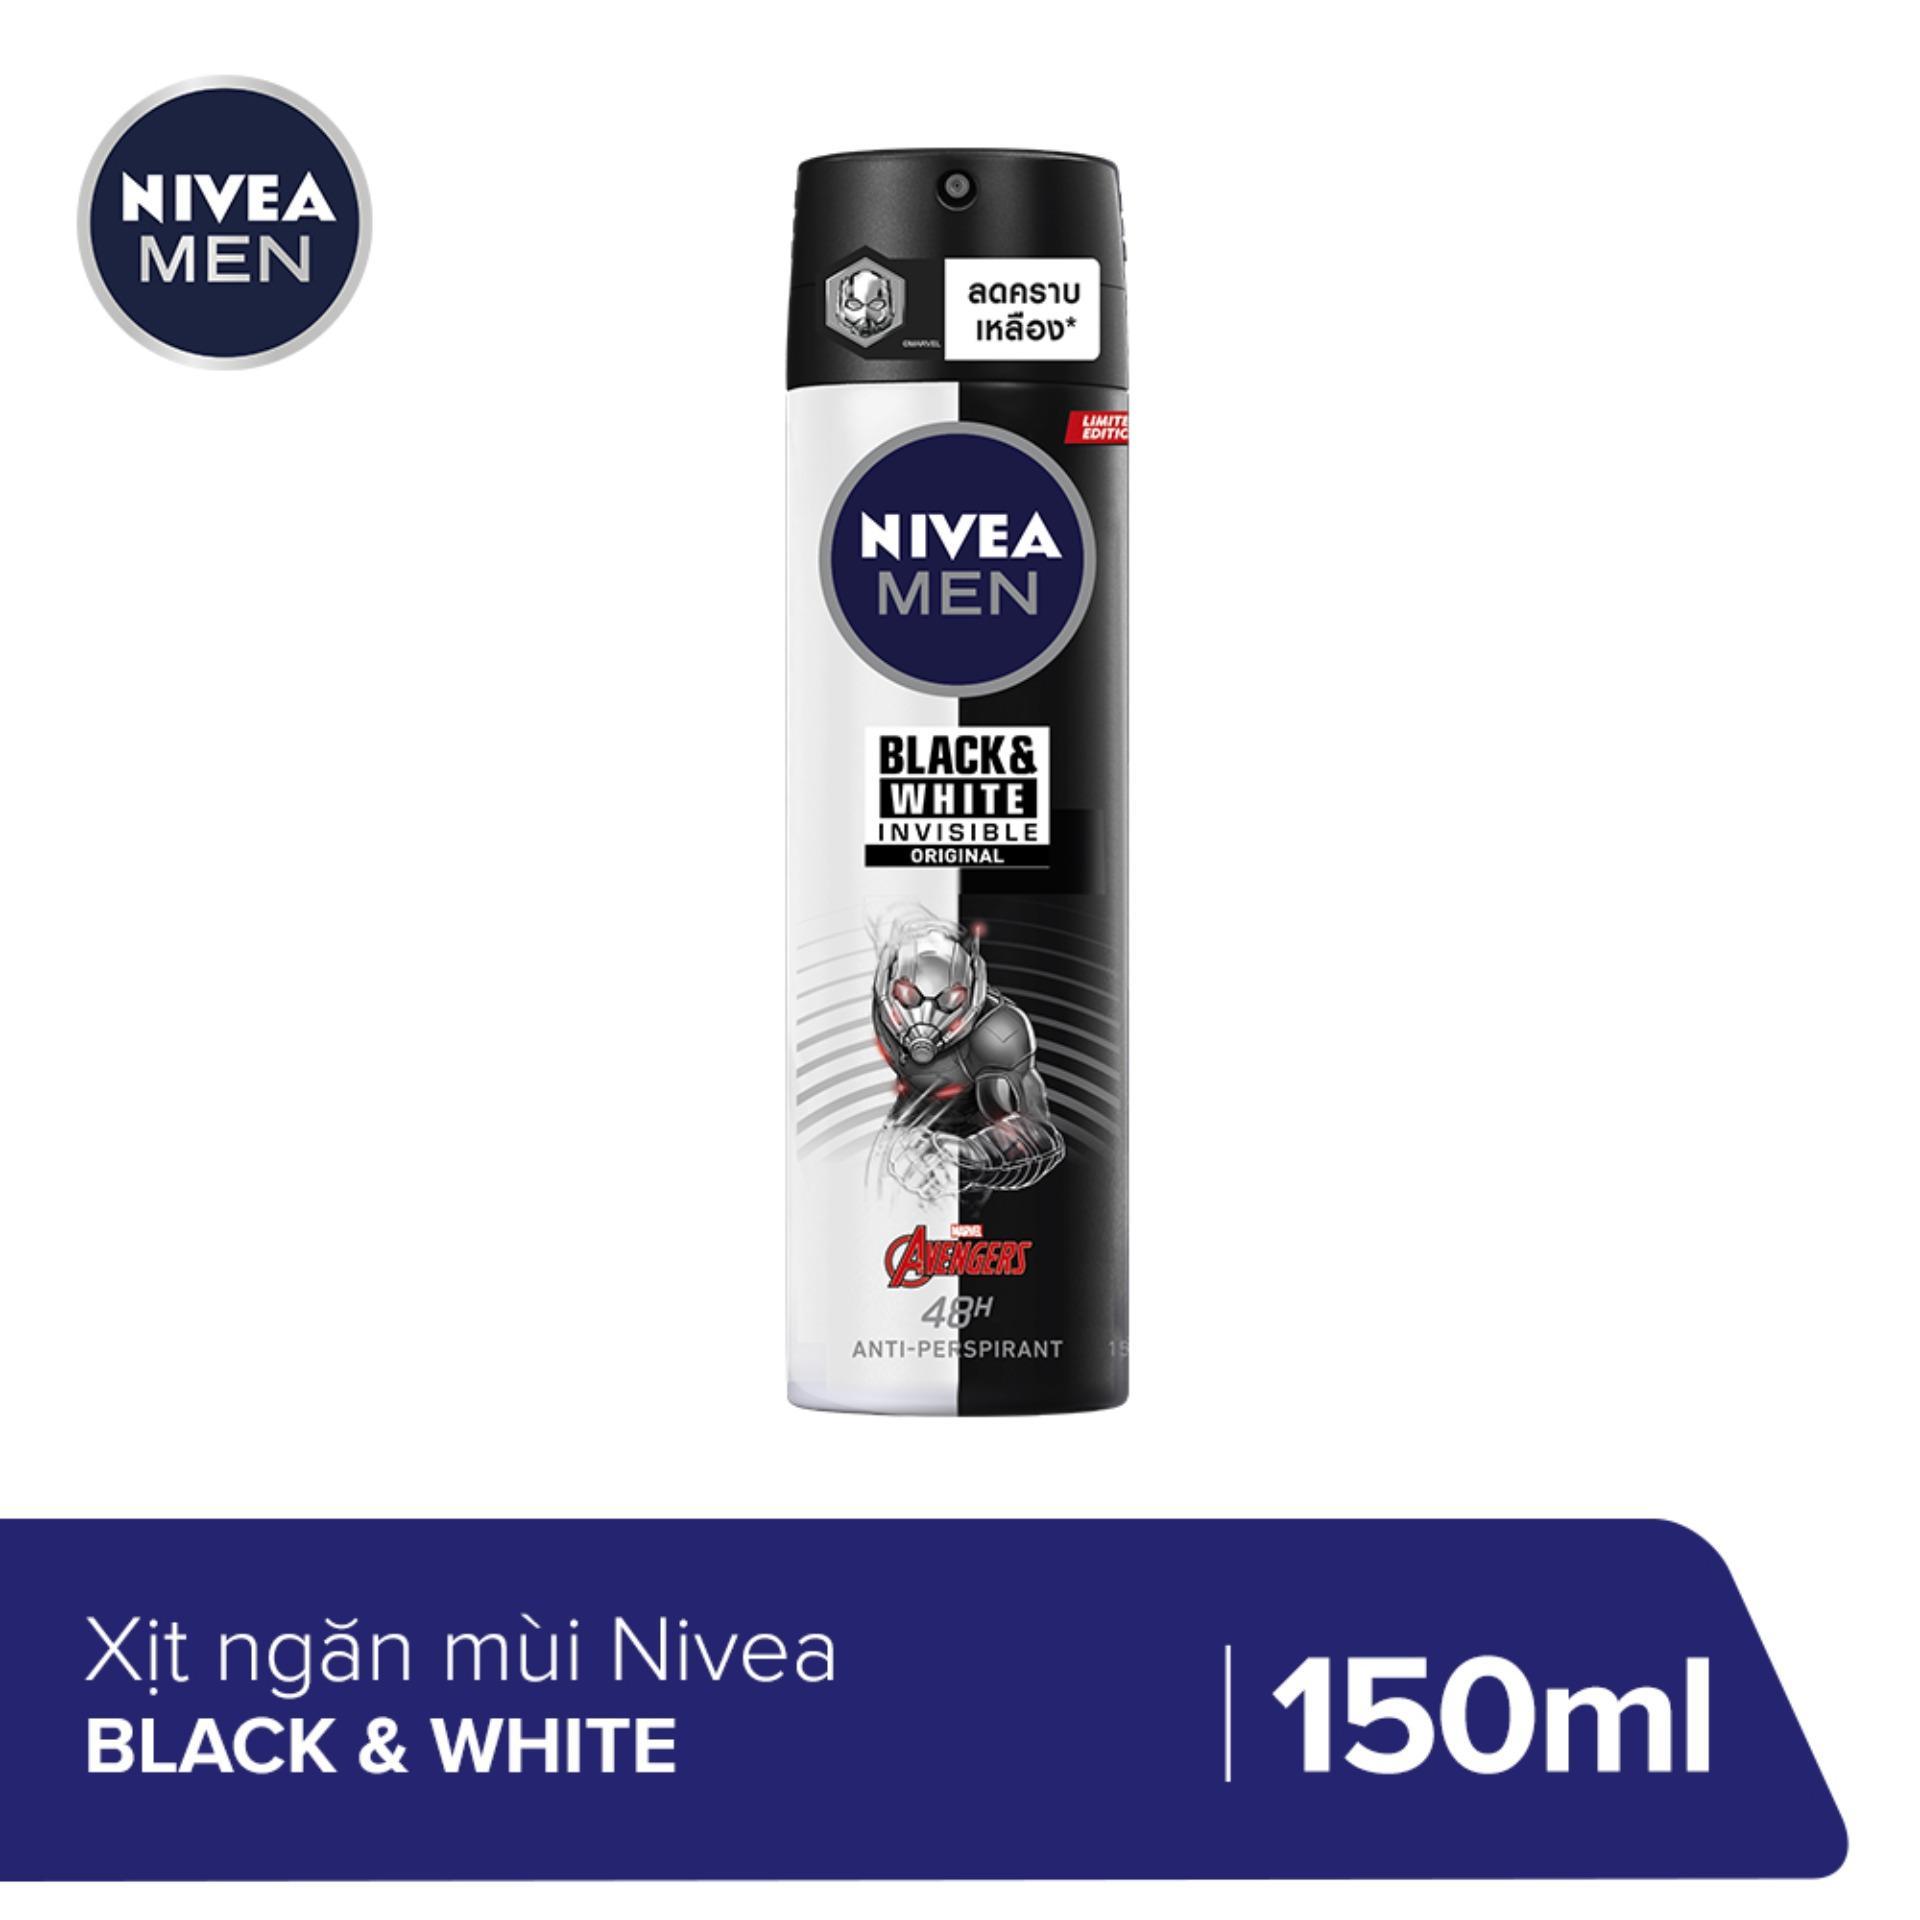 Xịt ngăn mùi NIVEA MEN Black & White Giảm Hình Thành Vệt Ố Vàng (150ml) - 82241 (Phiên bản giới hạn Ant-Man) cao cấp